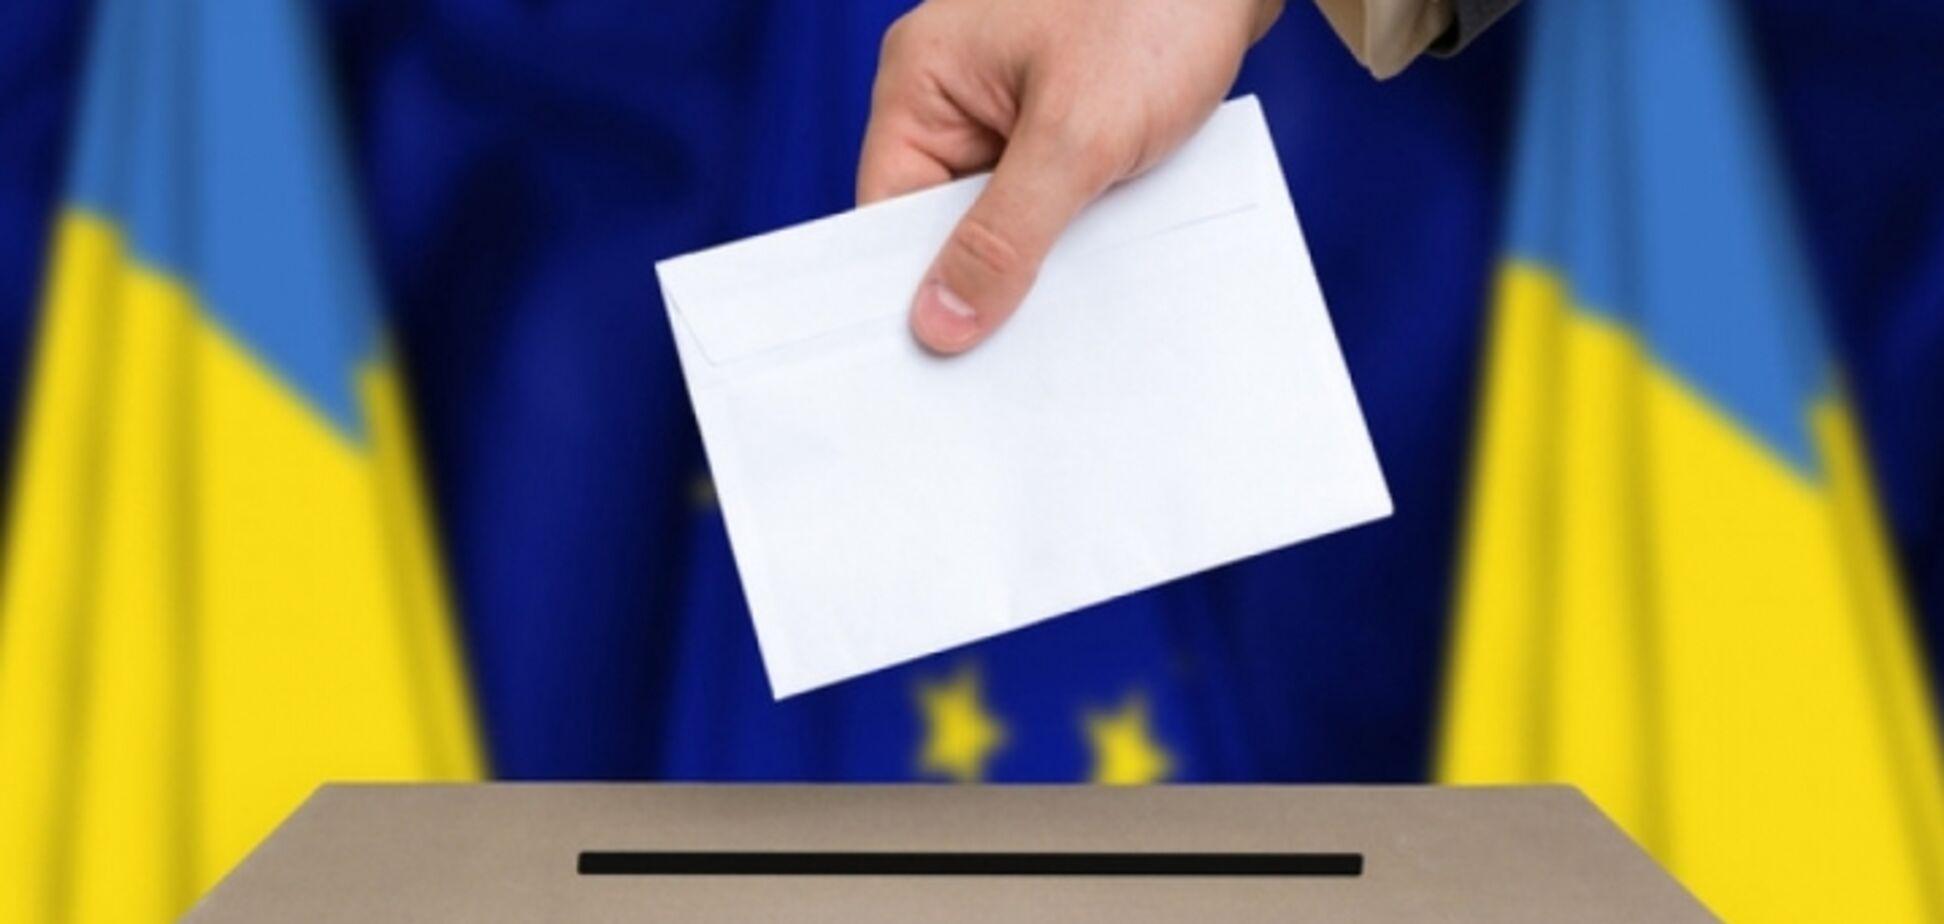 В Украине РЕАЛЬНЫЕ выборы, а в России нет ни выбора, ни шанса